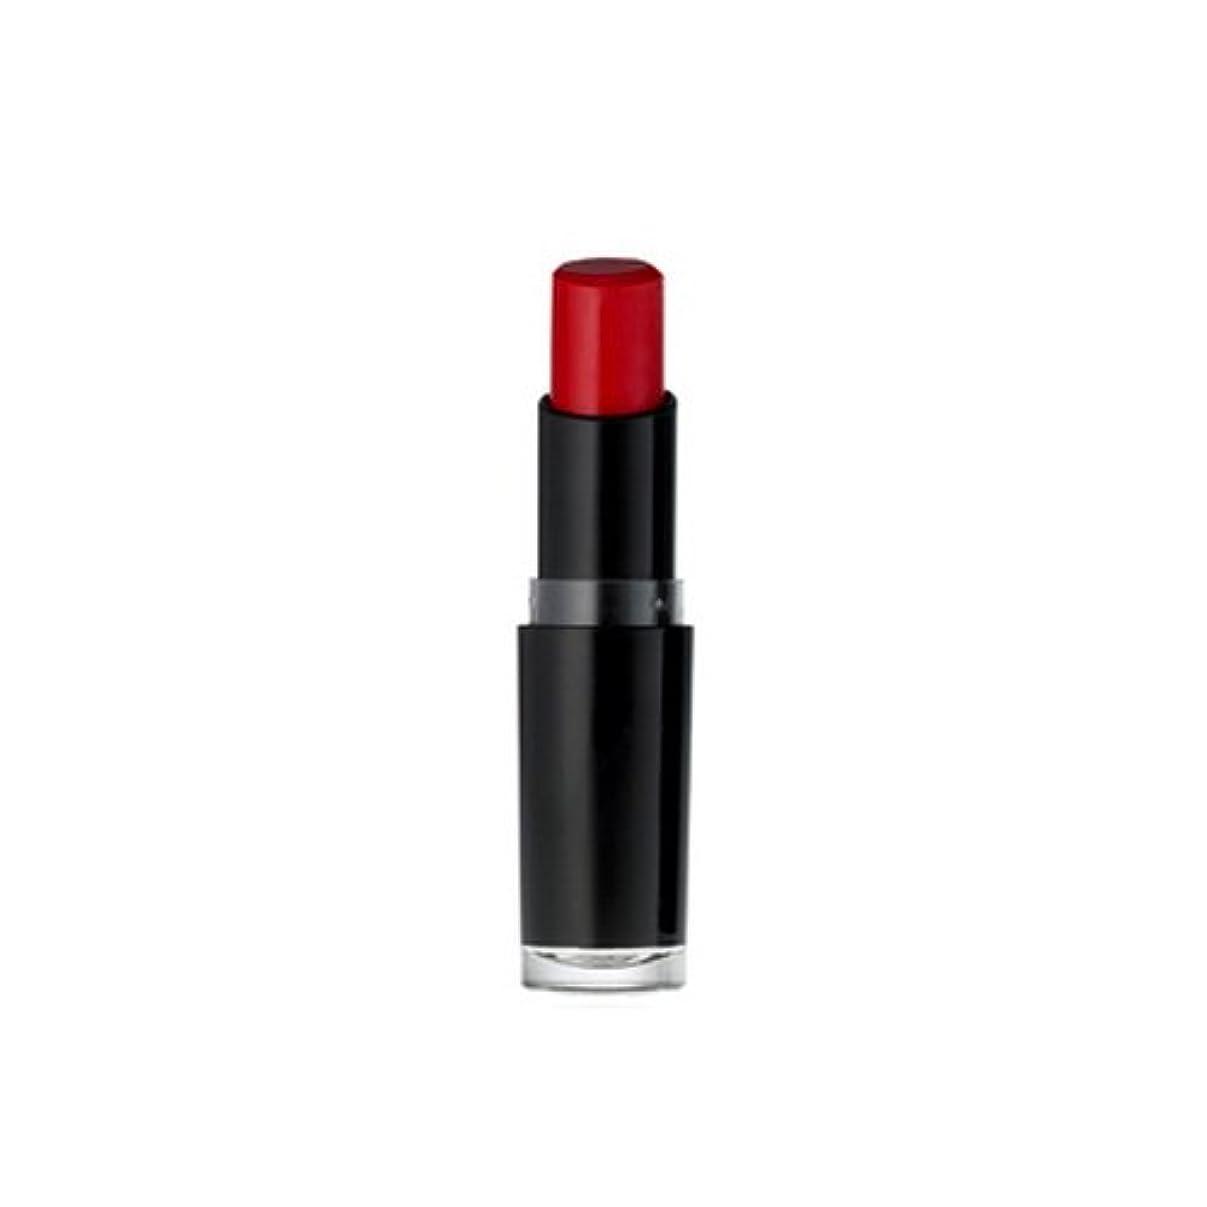 成功したプロテスタント見つけるWET N WILD Mega Last Matte Lip Cover - Smokin' Hot Pink (並行輸入品)